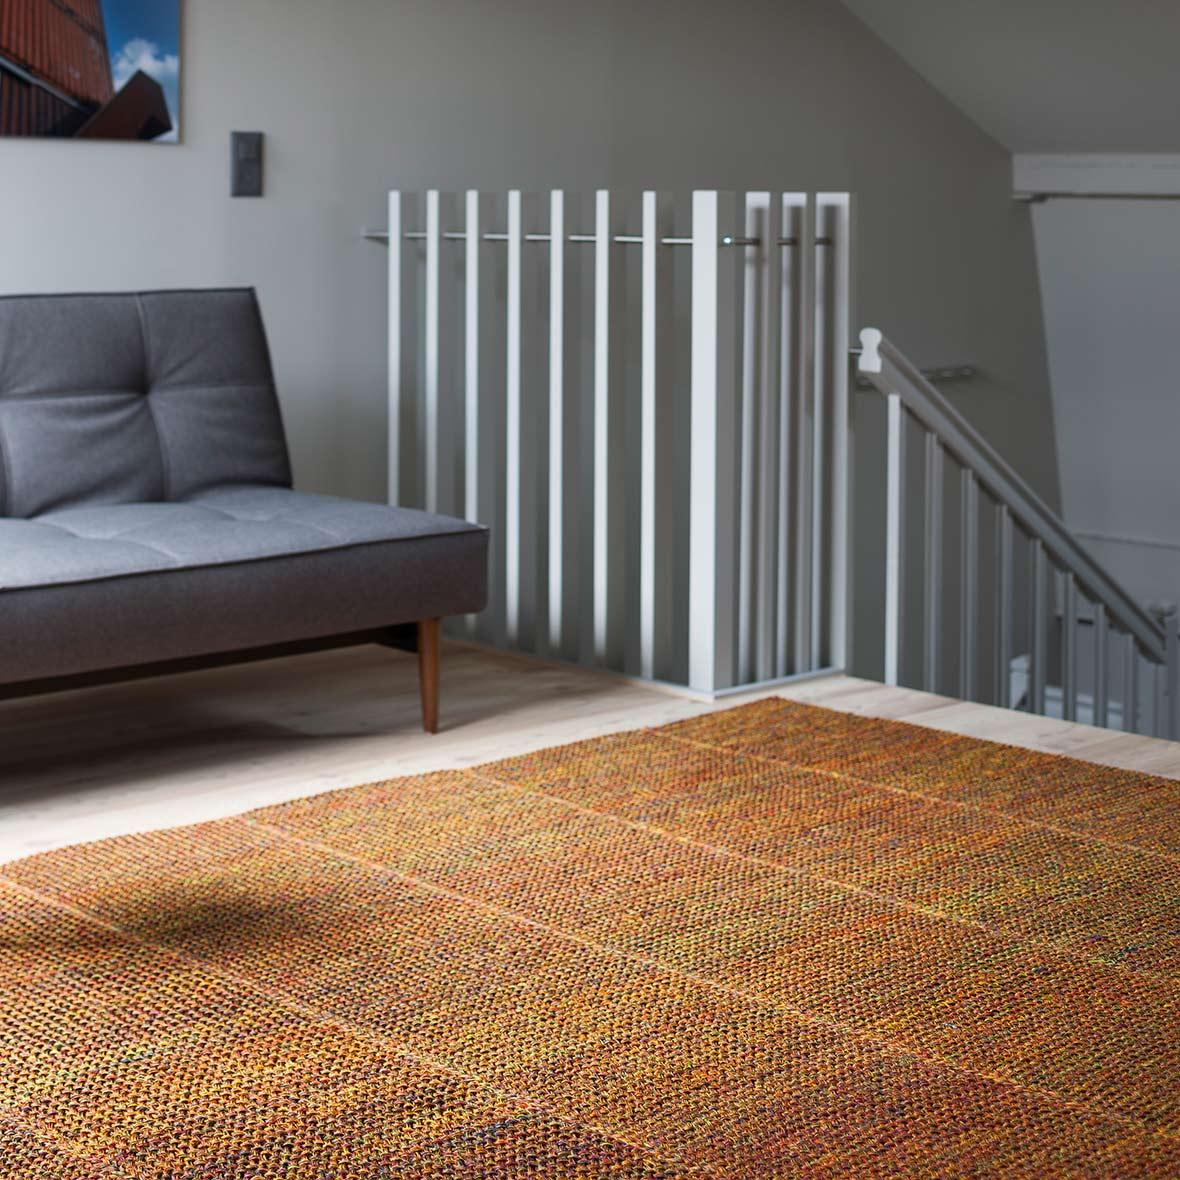 ruckstuhl schweizer teppiche i bei bestswiss. Black Bedroom Furniture Sets. Home Design Ideas